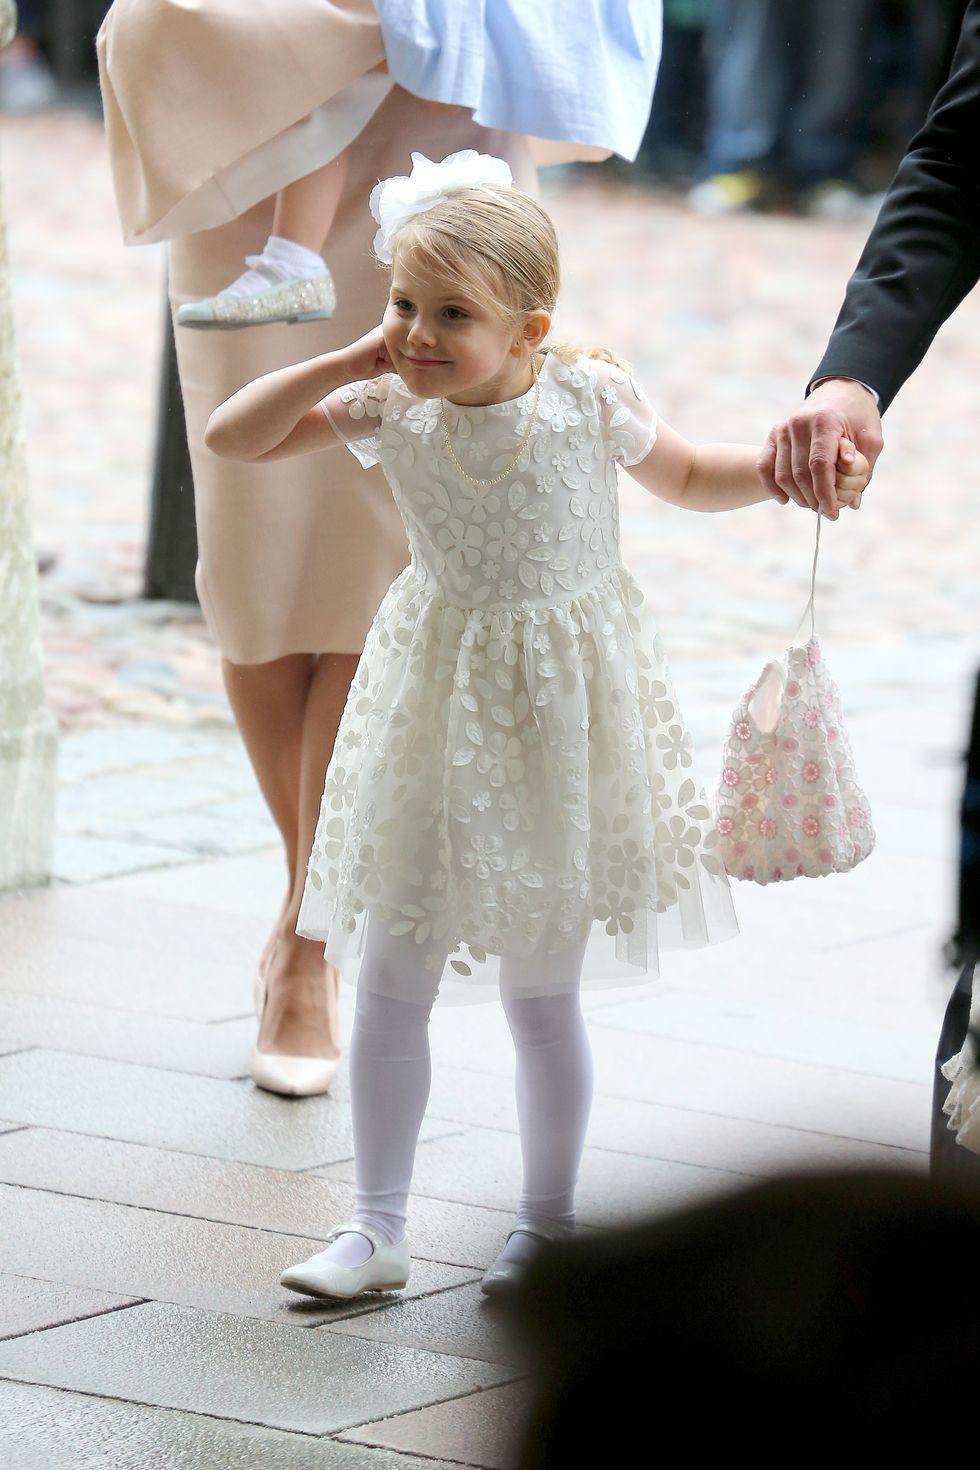 Tiểu công chúa Estelle mặc đầm hoa màu trắng